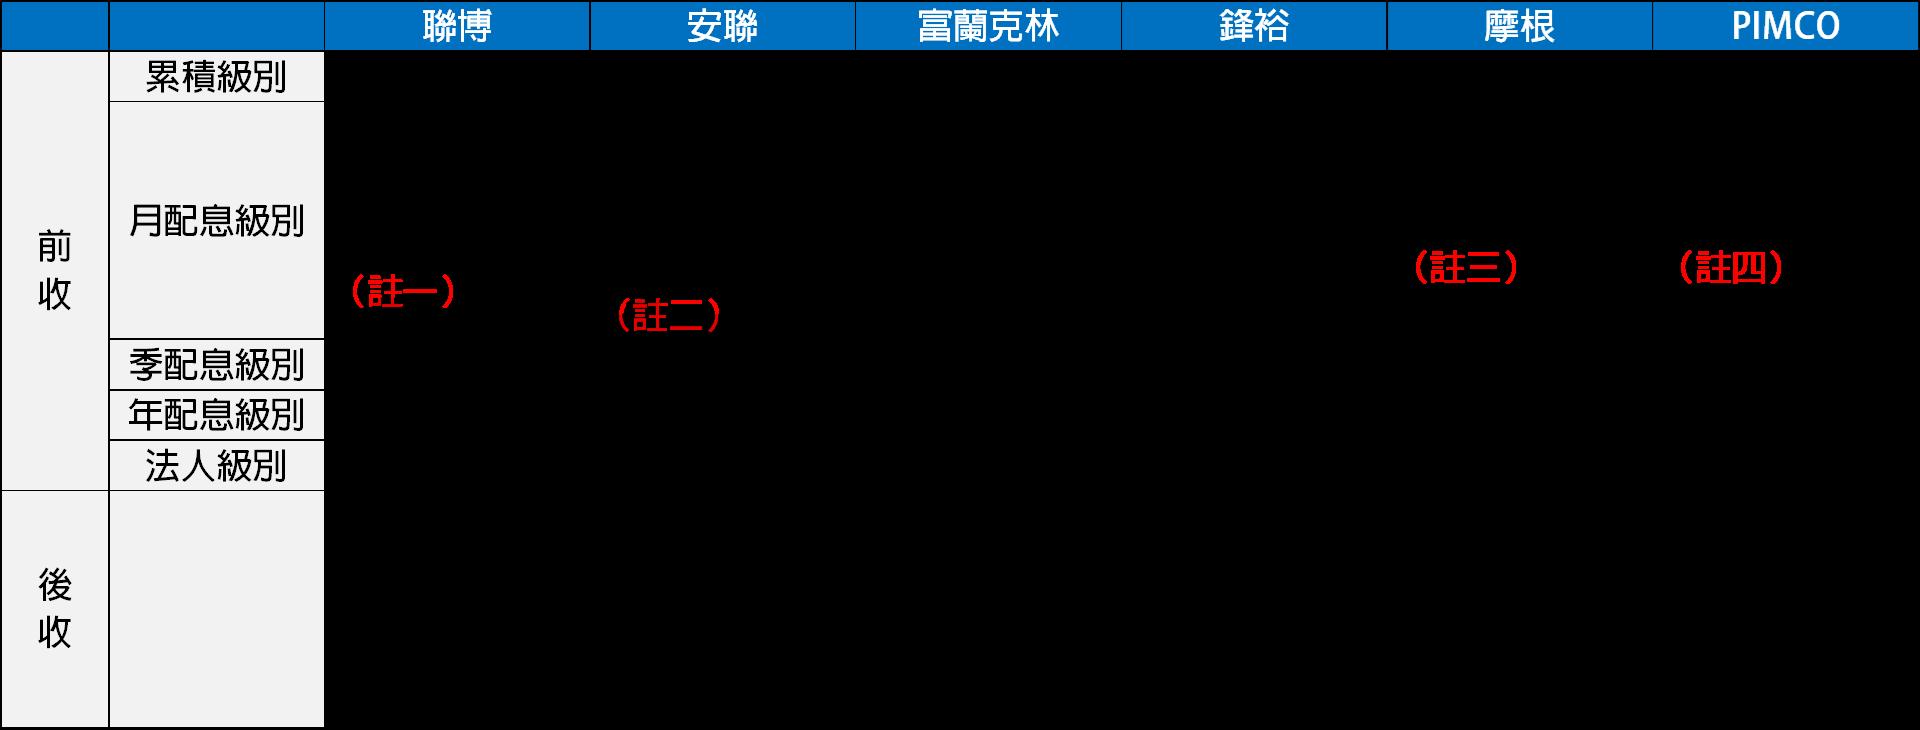 境外基金股份類別整理表(一)